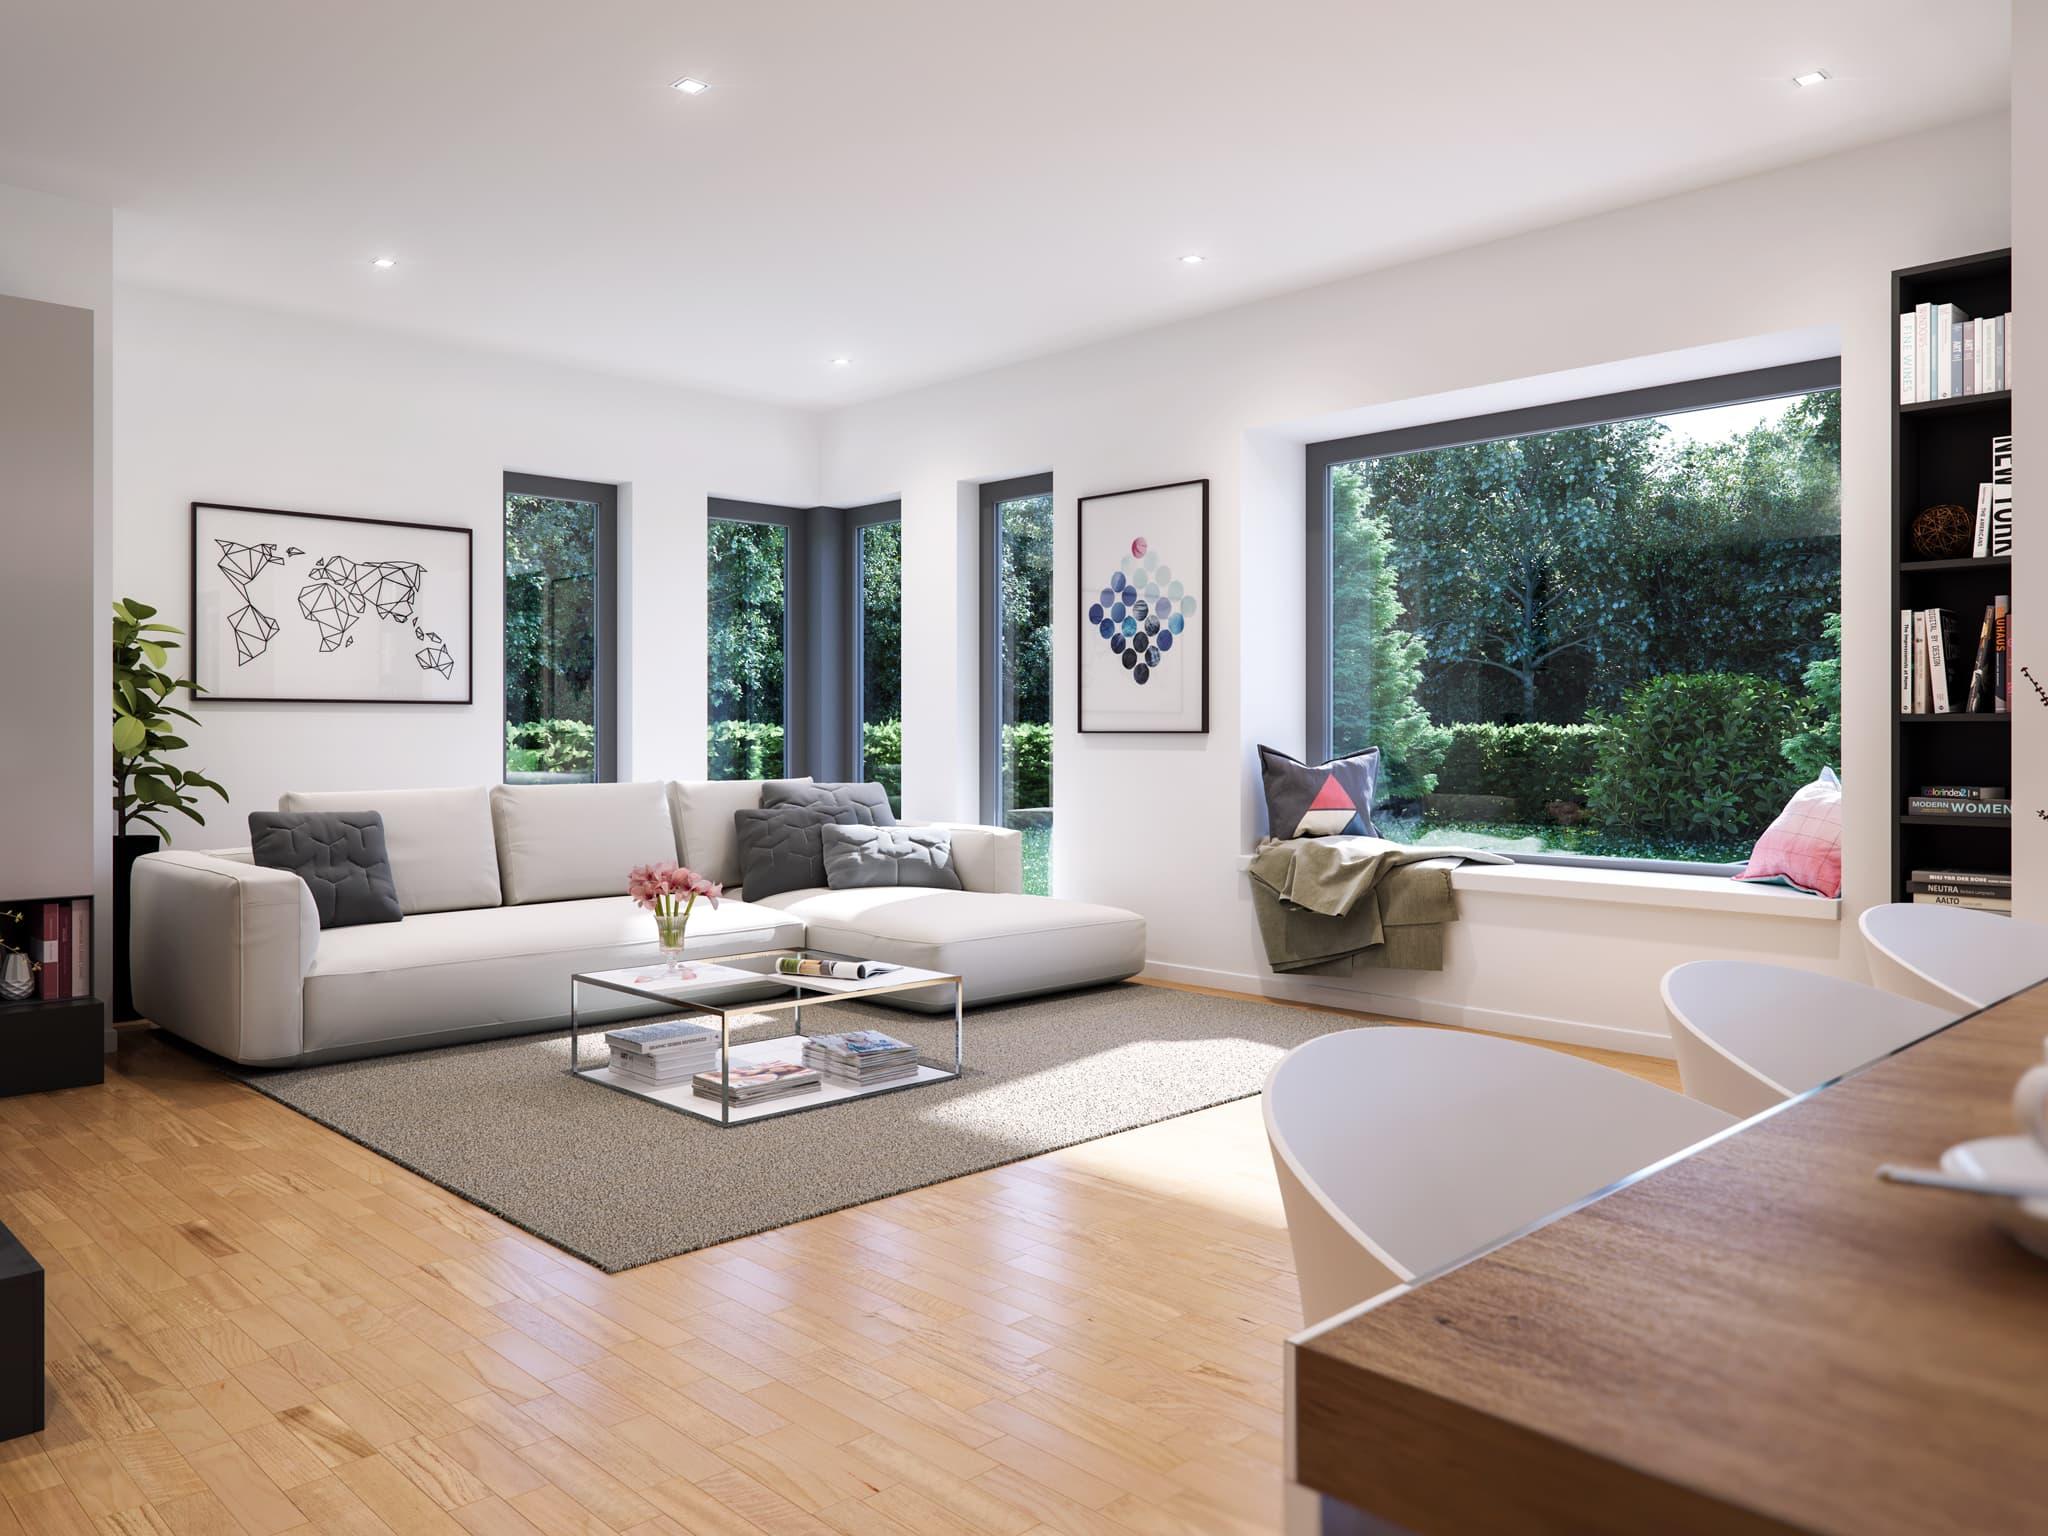 Wohnzimmer Ideen - Haus Inneneinrichtung modern Bien Zenker Fertighaus FANTASTIC 162 V2 - HausbauDirekt.de